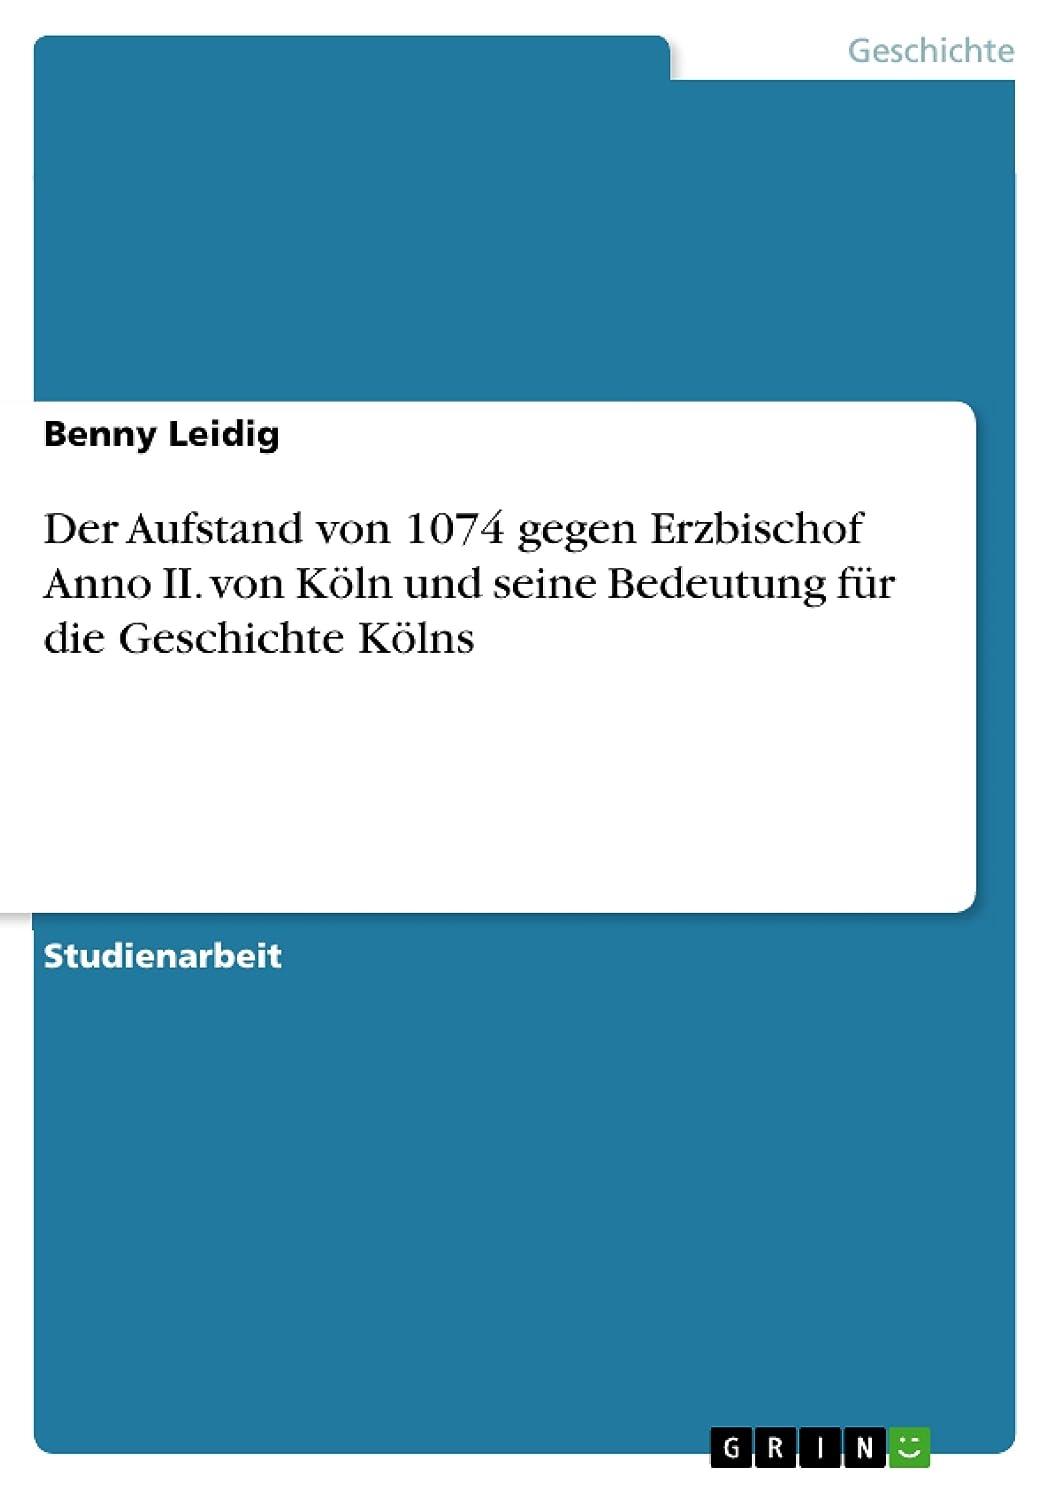 楽観的医学テラスDer Aufstand von 1074 gegen Erzbischof Anno II. von K?ln und seine Bedeutung für die Geschichte K?lns (German Edition)